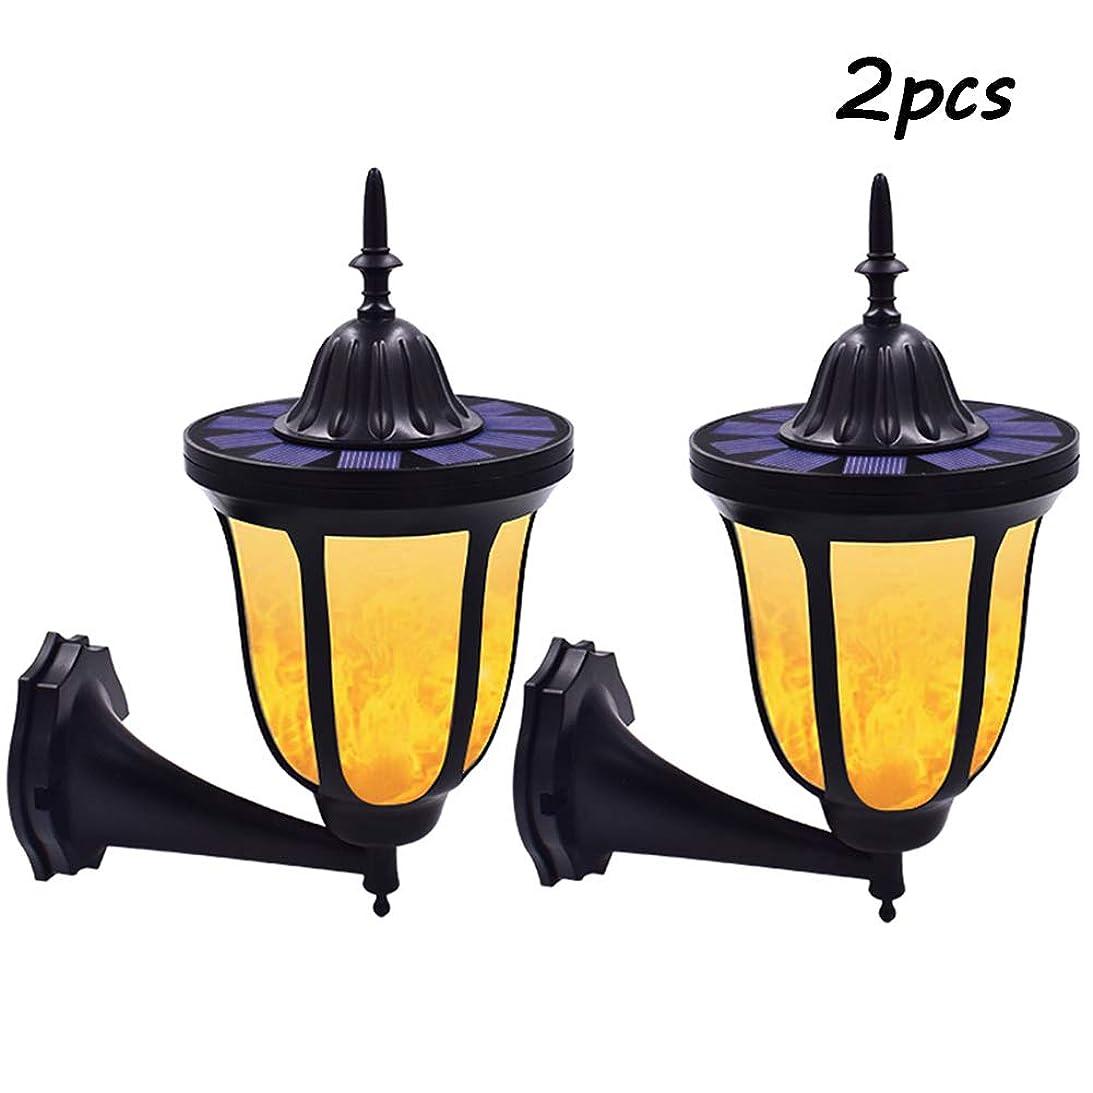 差別的パドル許容96 LEDダンス炎ソーラーライト屋外ガーデン庭ヴィラ光センサー最新設計のための防水壁照明ランプ